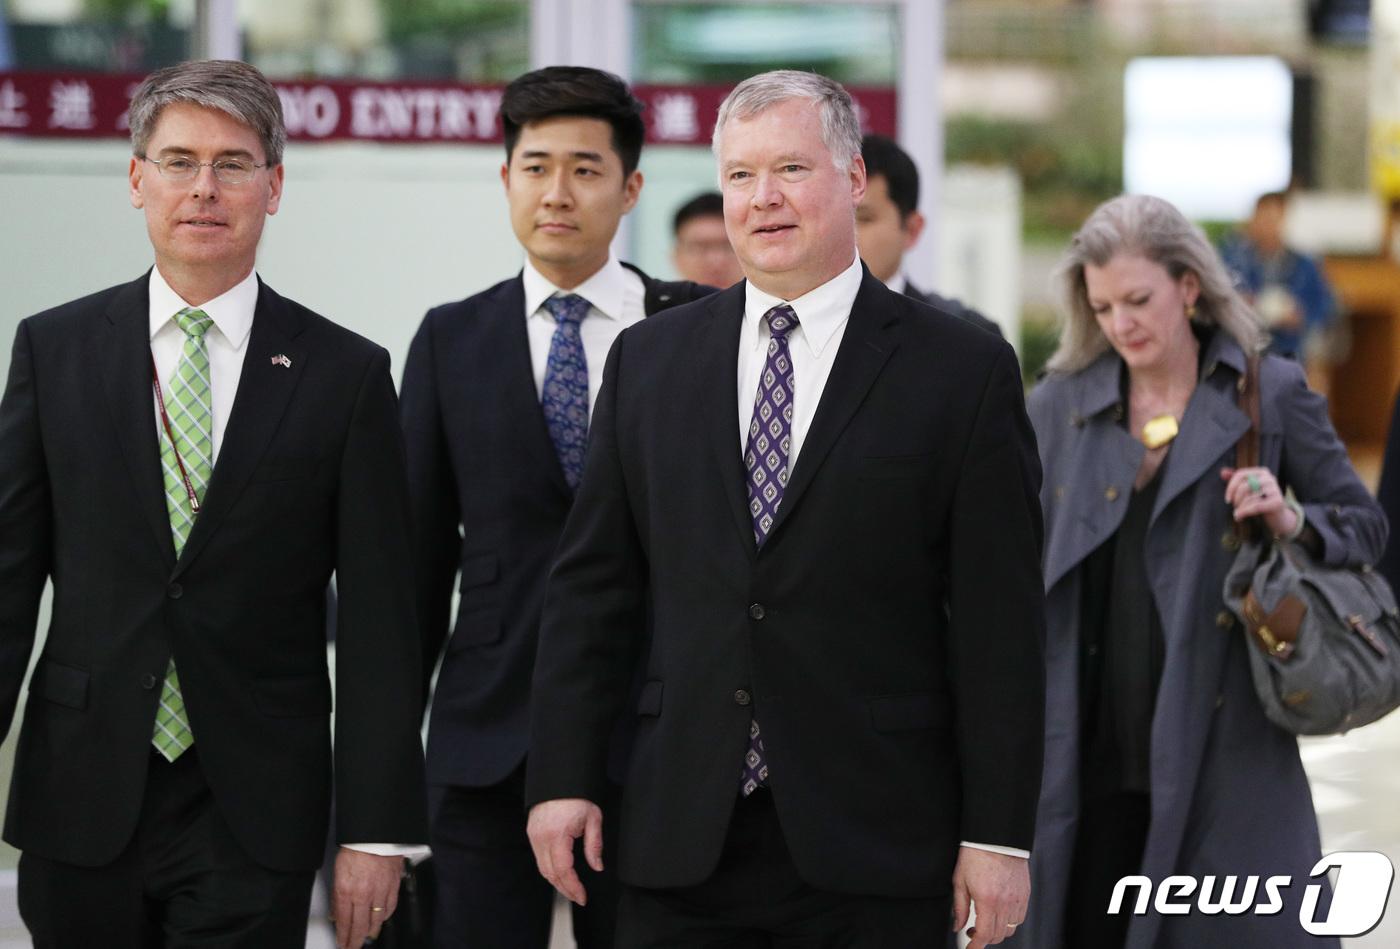 스티븐 비건 미국 국무부 대북정책 특별대표(왼쪽 세번째)가 8일 오후 서울 강서구 김포국제공항을 통해 입국하고 있다. (뉴스 1)